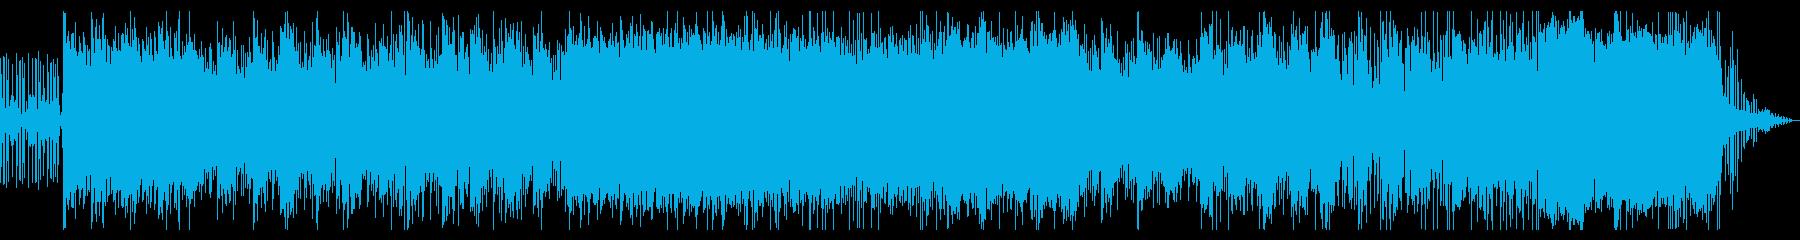 ゲームバトル用オーケストラエキサイトの再生済みの波形